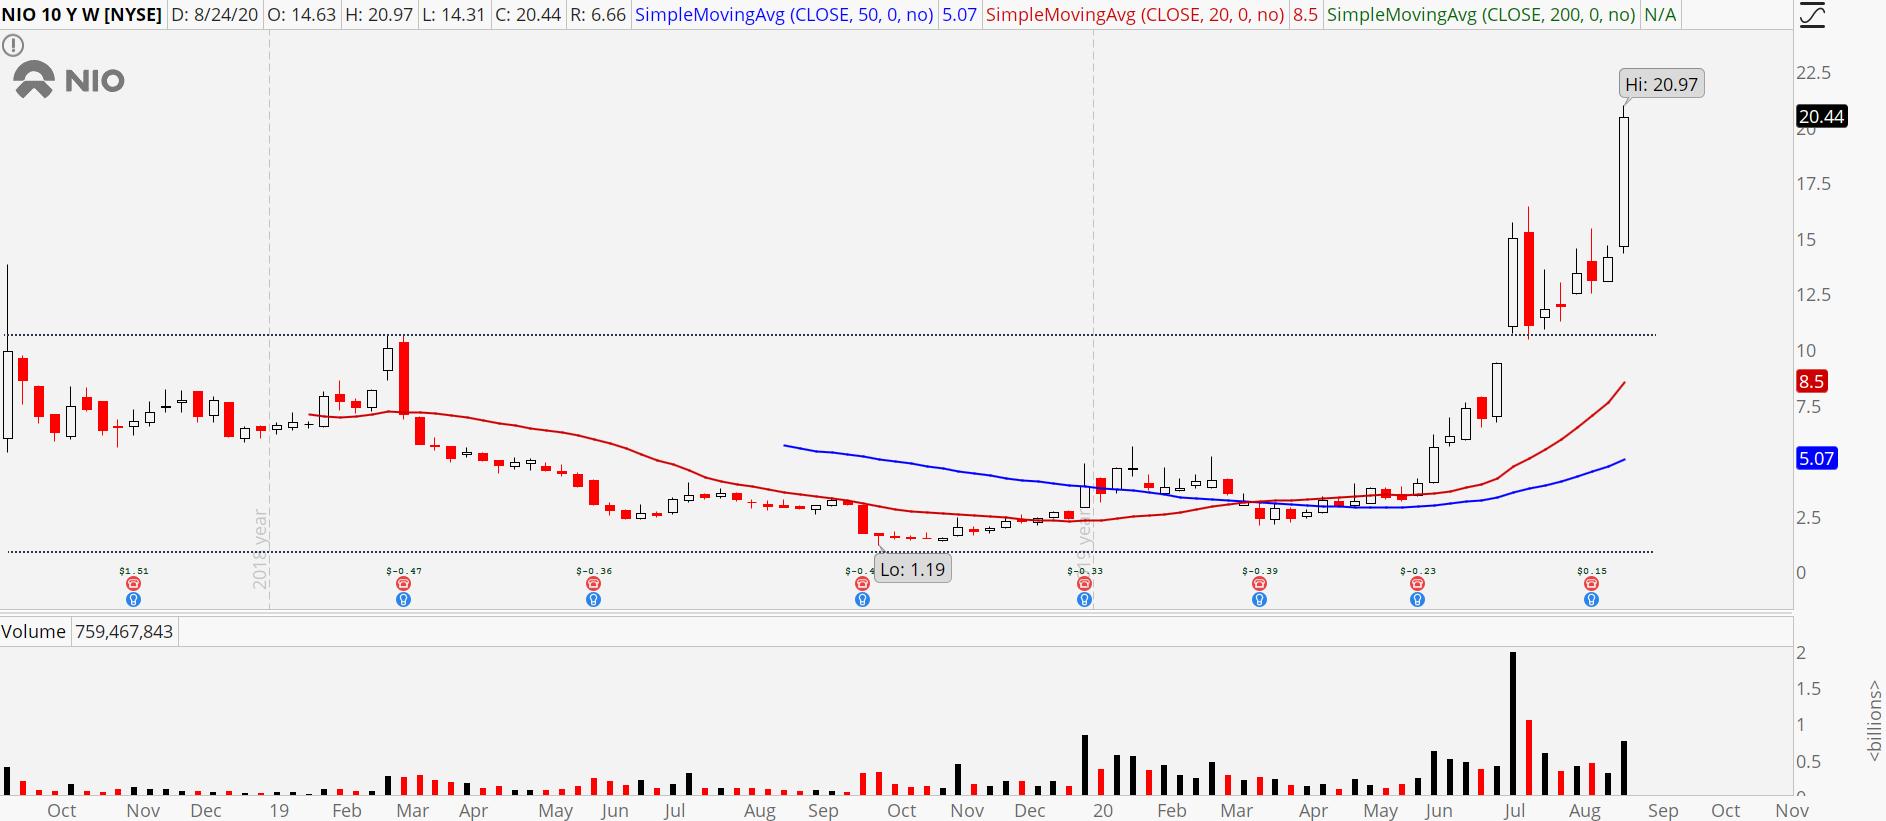 Nio (NIO) weekly chart showing massive surge